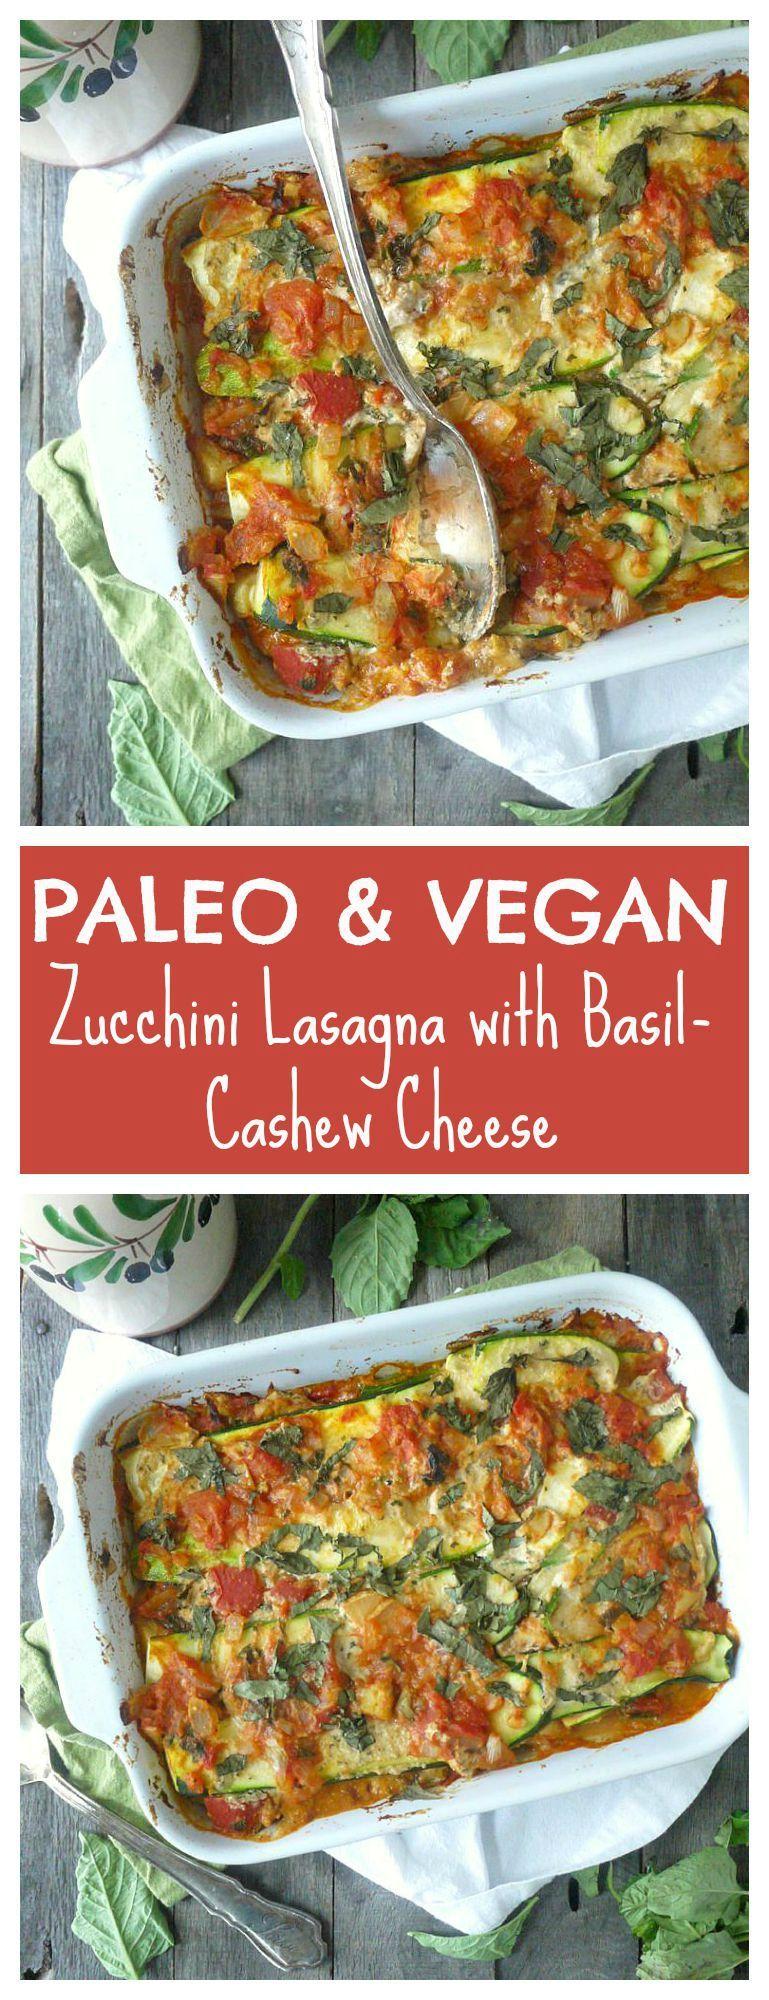 Paleo (and Vegan) Zucchini Lasagna with BasilCashew